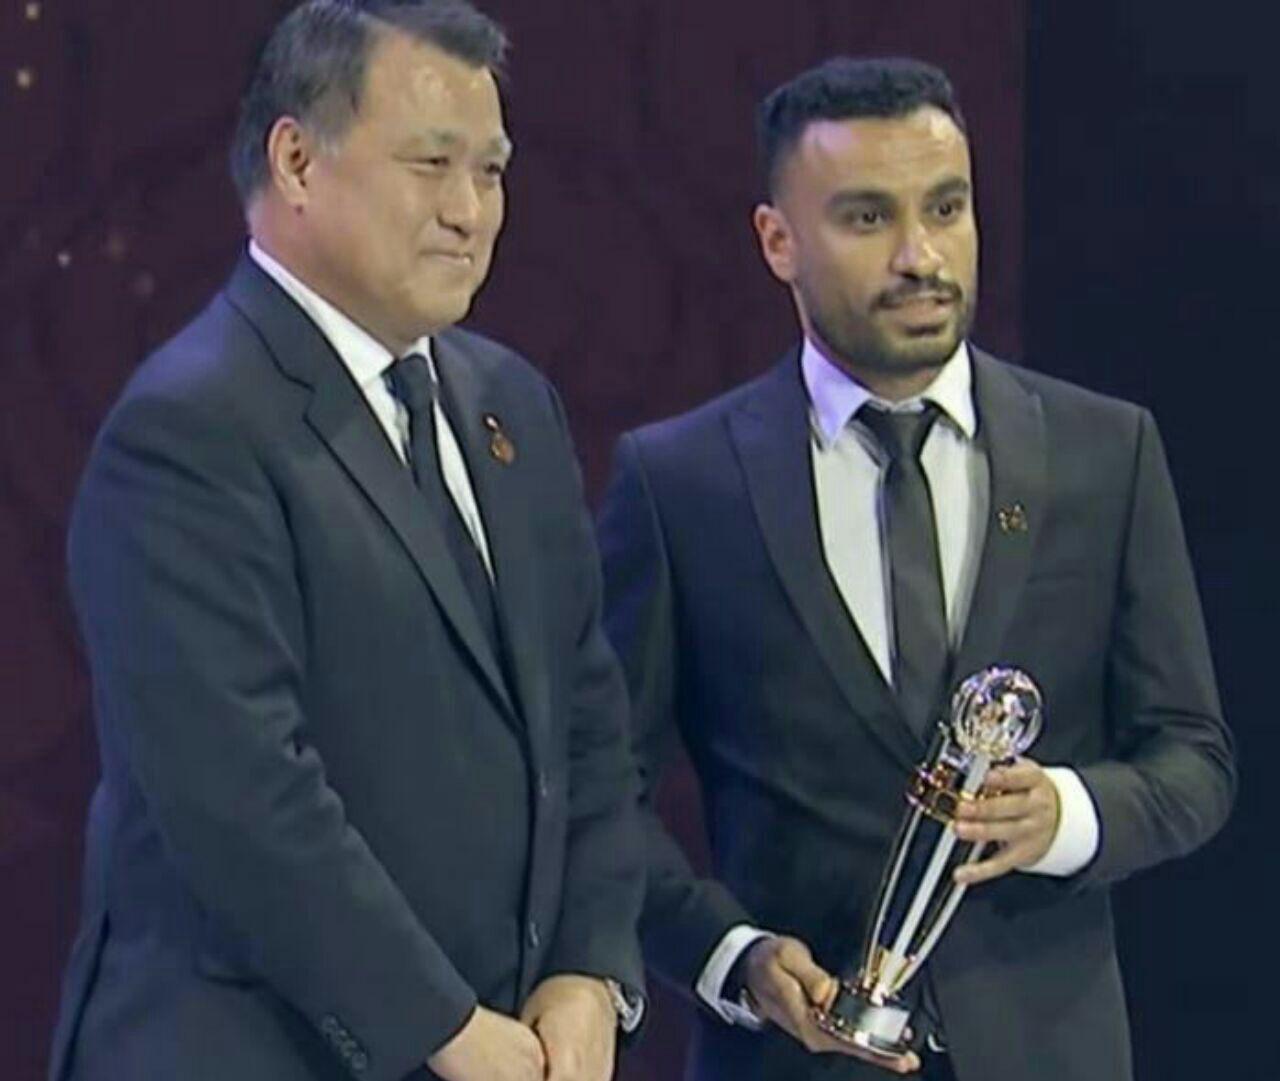 حسن زاده: جایزه برترین بازیکن فوتسال آسیا را به زلزله زدگان کرمانشاه تقدیم می کنم